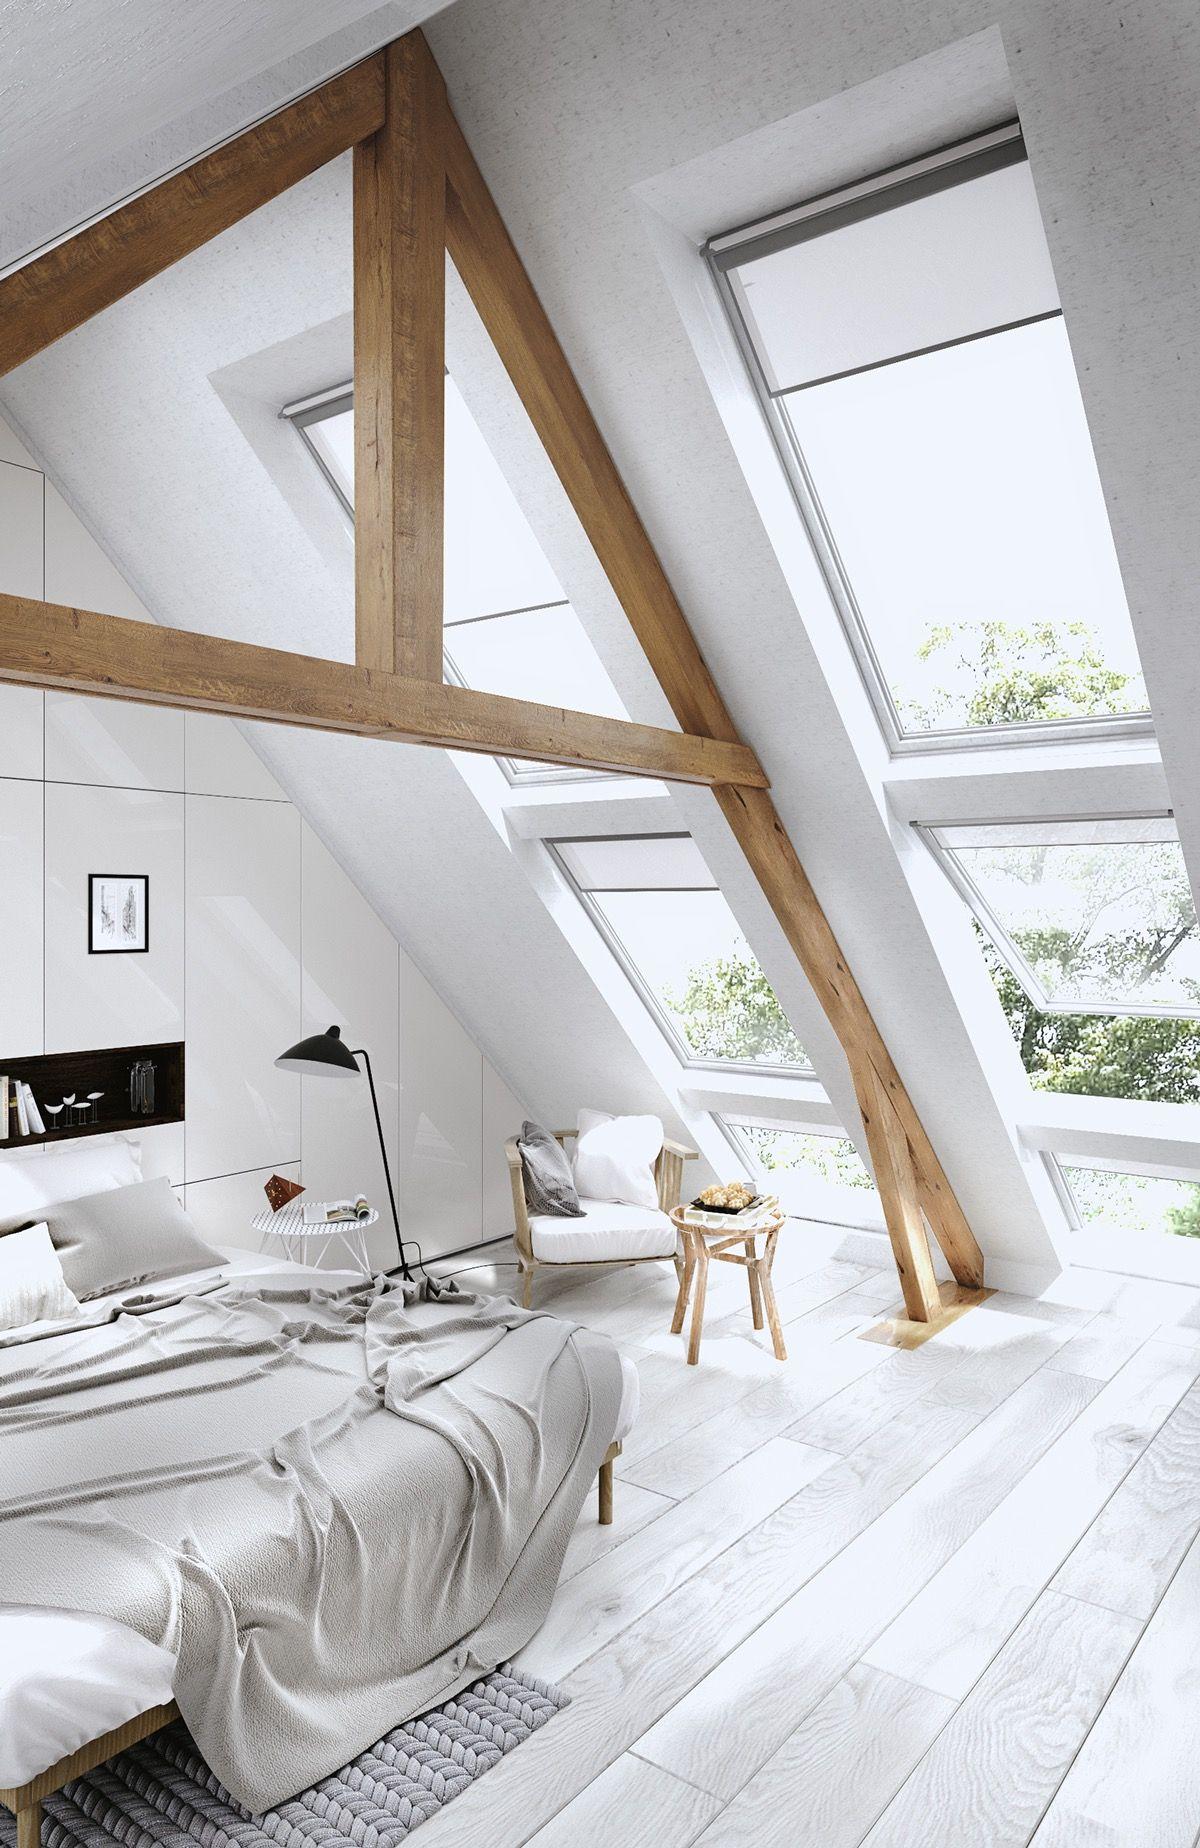 Ces combles ont t transforms en de magnifiques chambres  coucher ! De  quoi donner des ides.